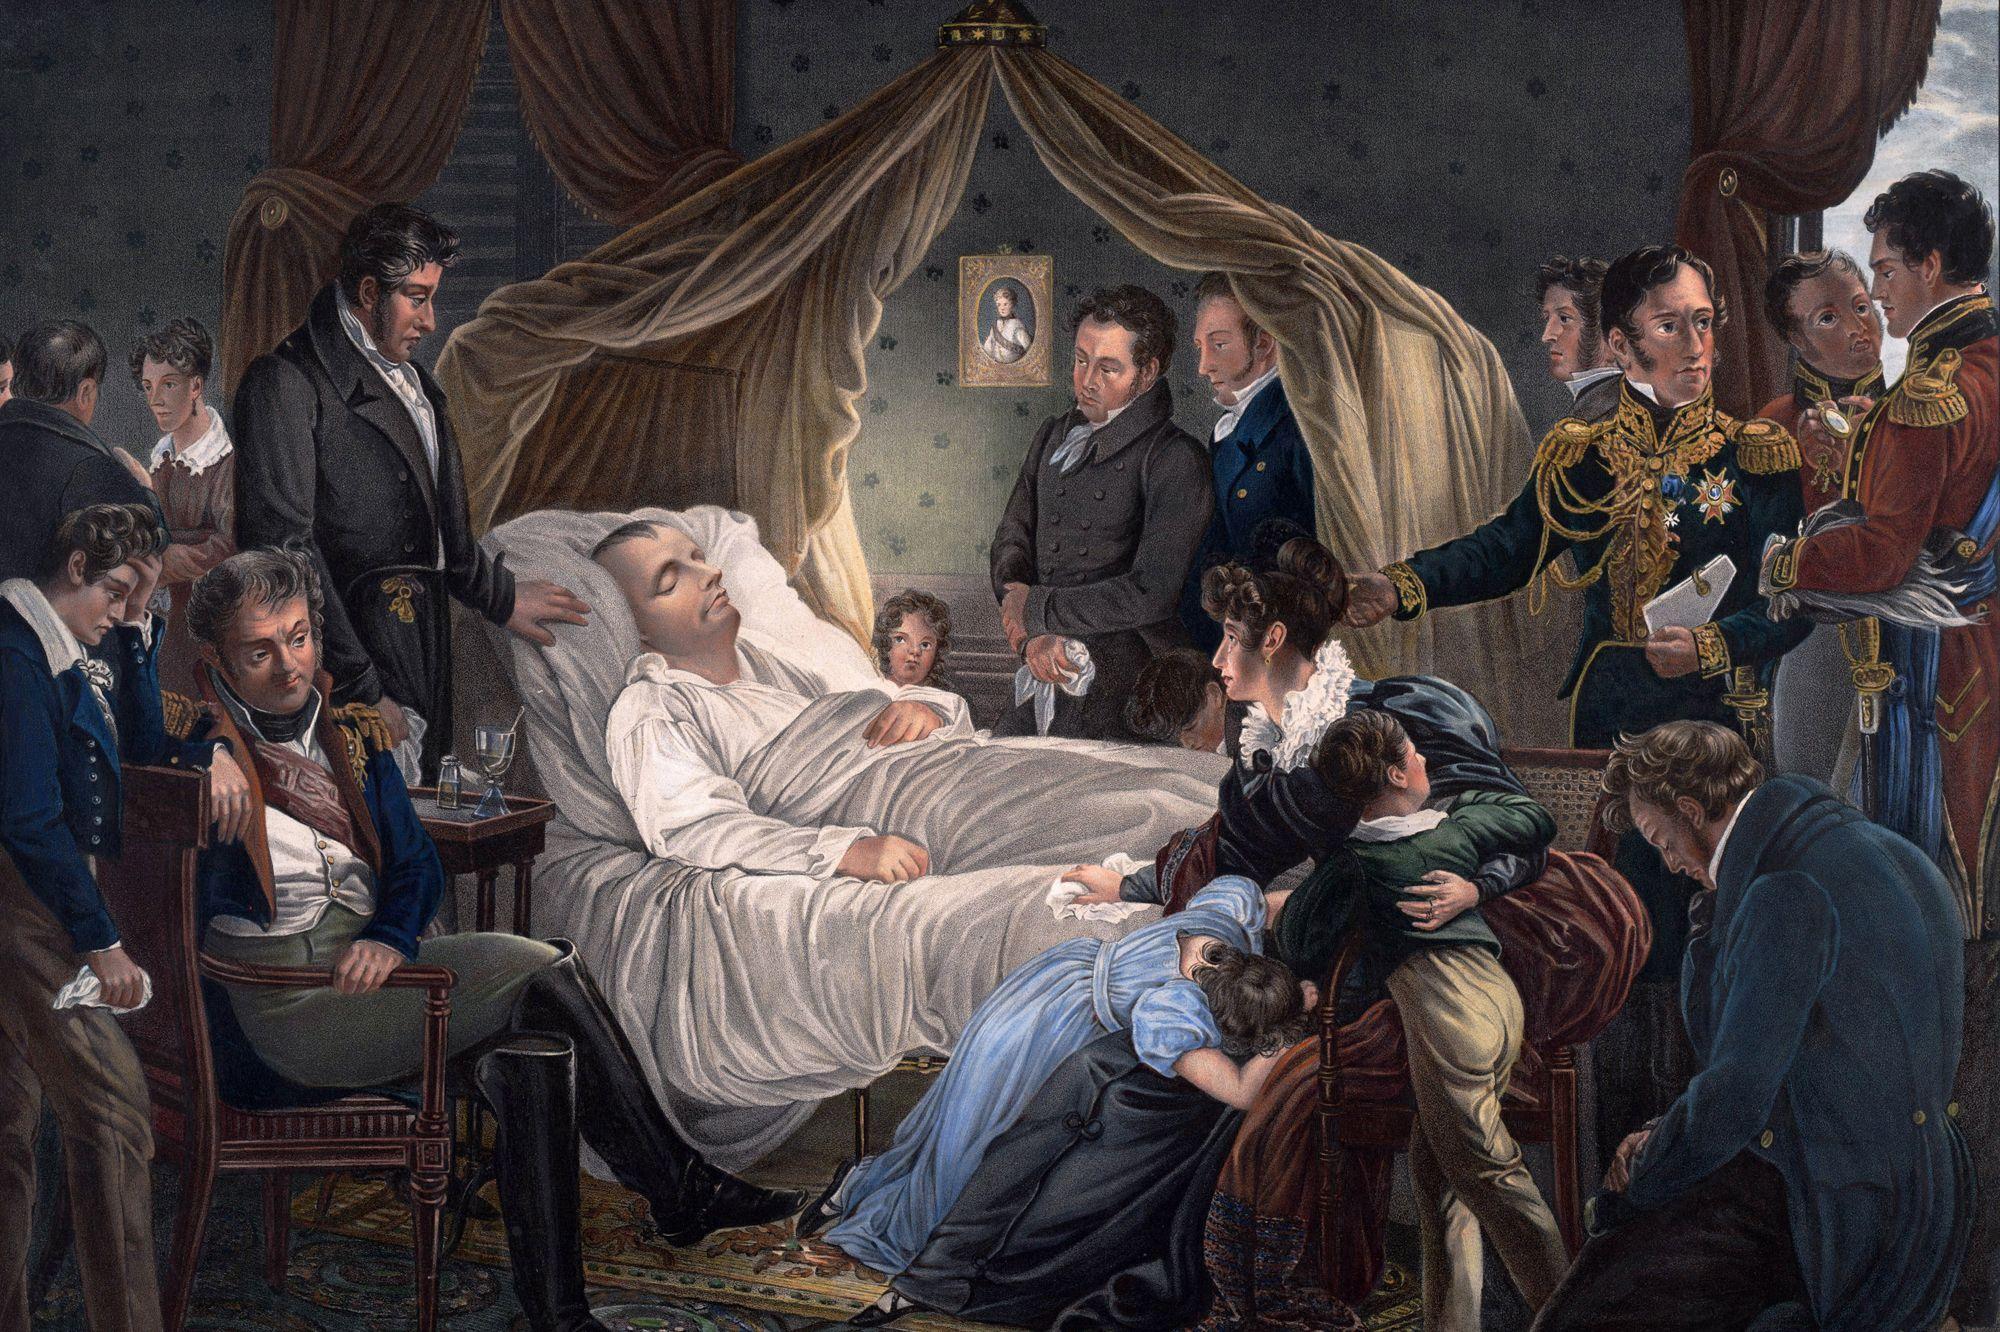 La mort de l'Exilé - Gérard de Nerval Les-Francais-n-ont-appris-la-mort-de-Napoleon-Ier-qu-au-bout-de-deux-mois